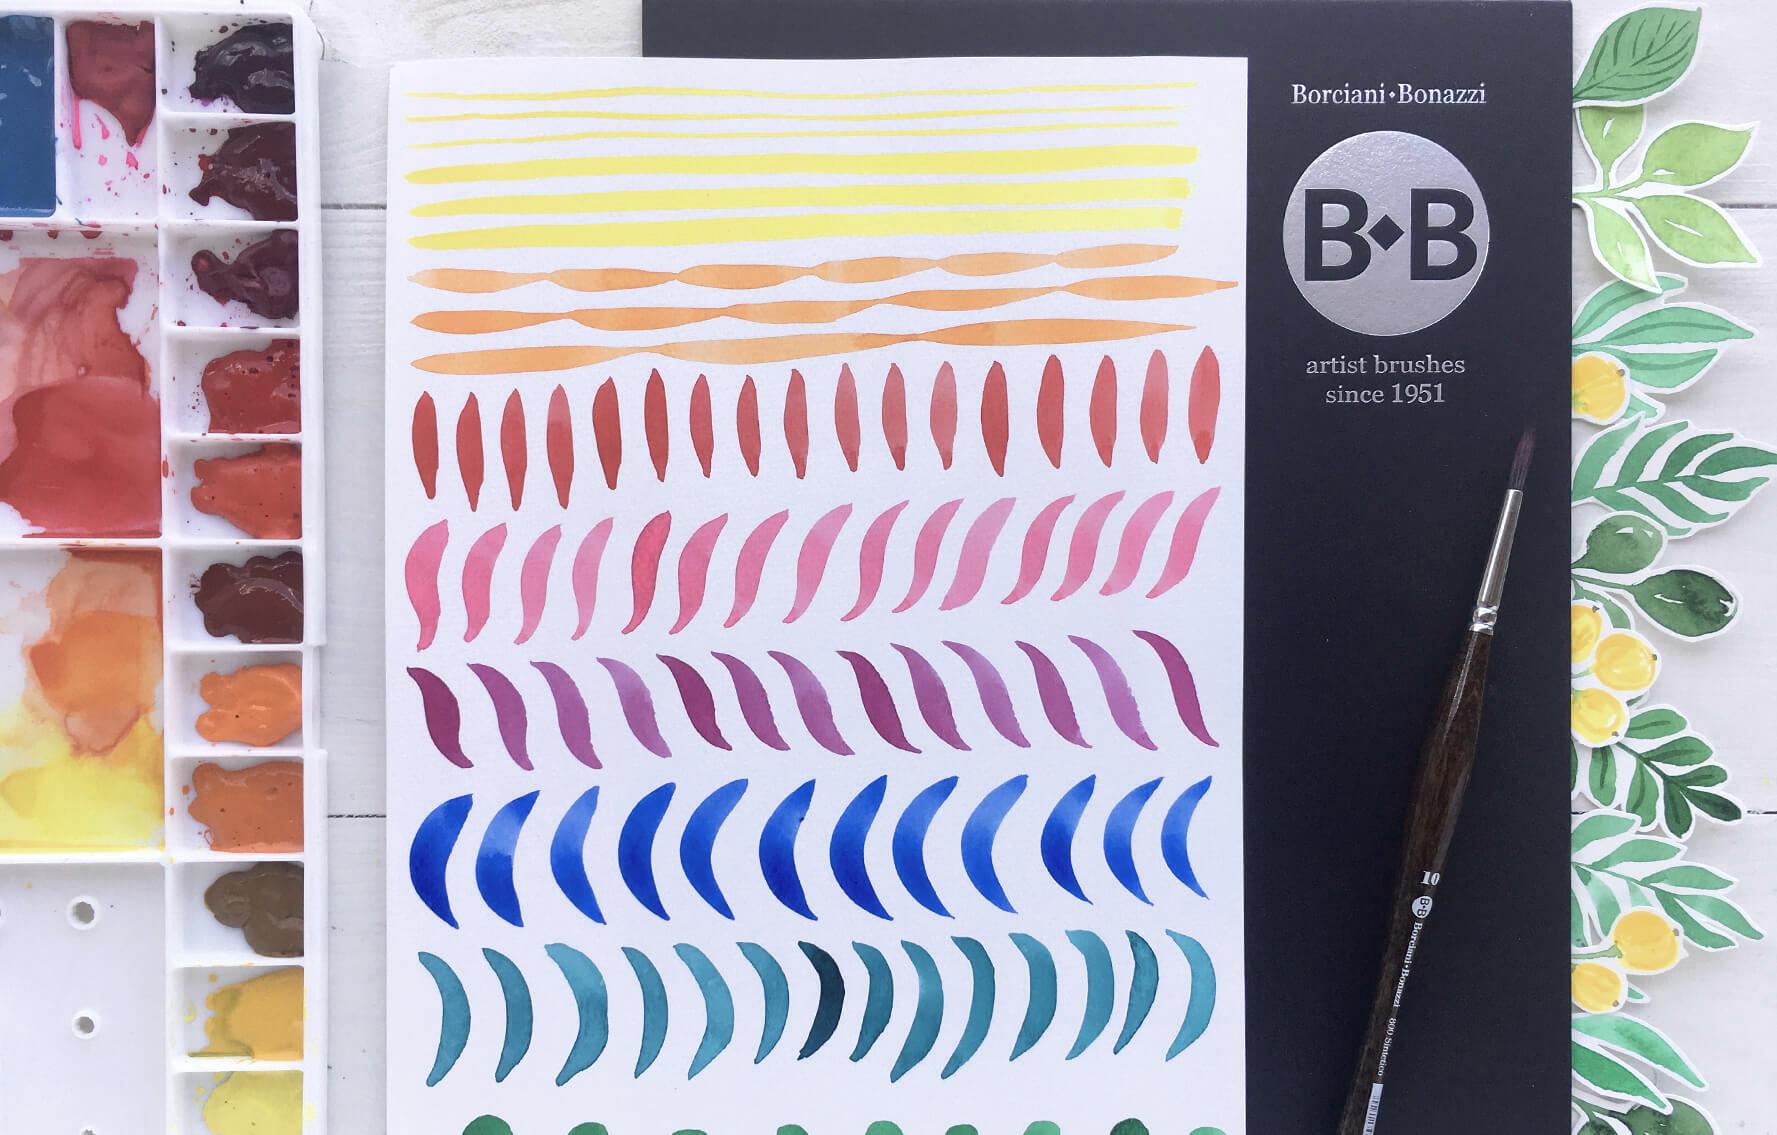 Akvarel: Malování volným tahem 1. díl - základní tahy